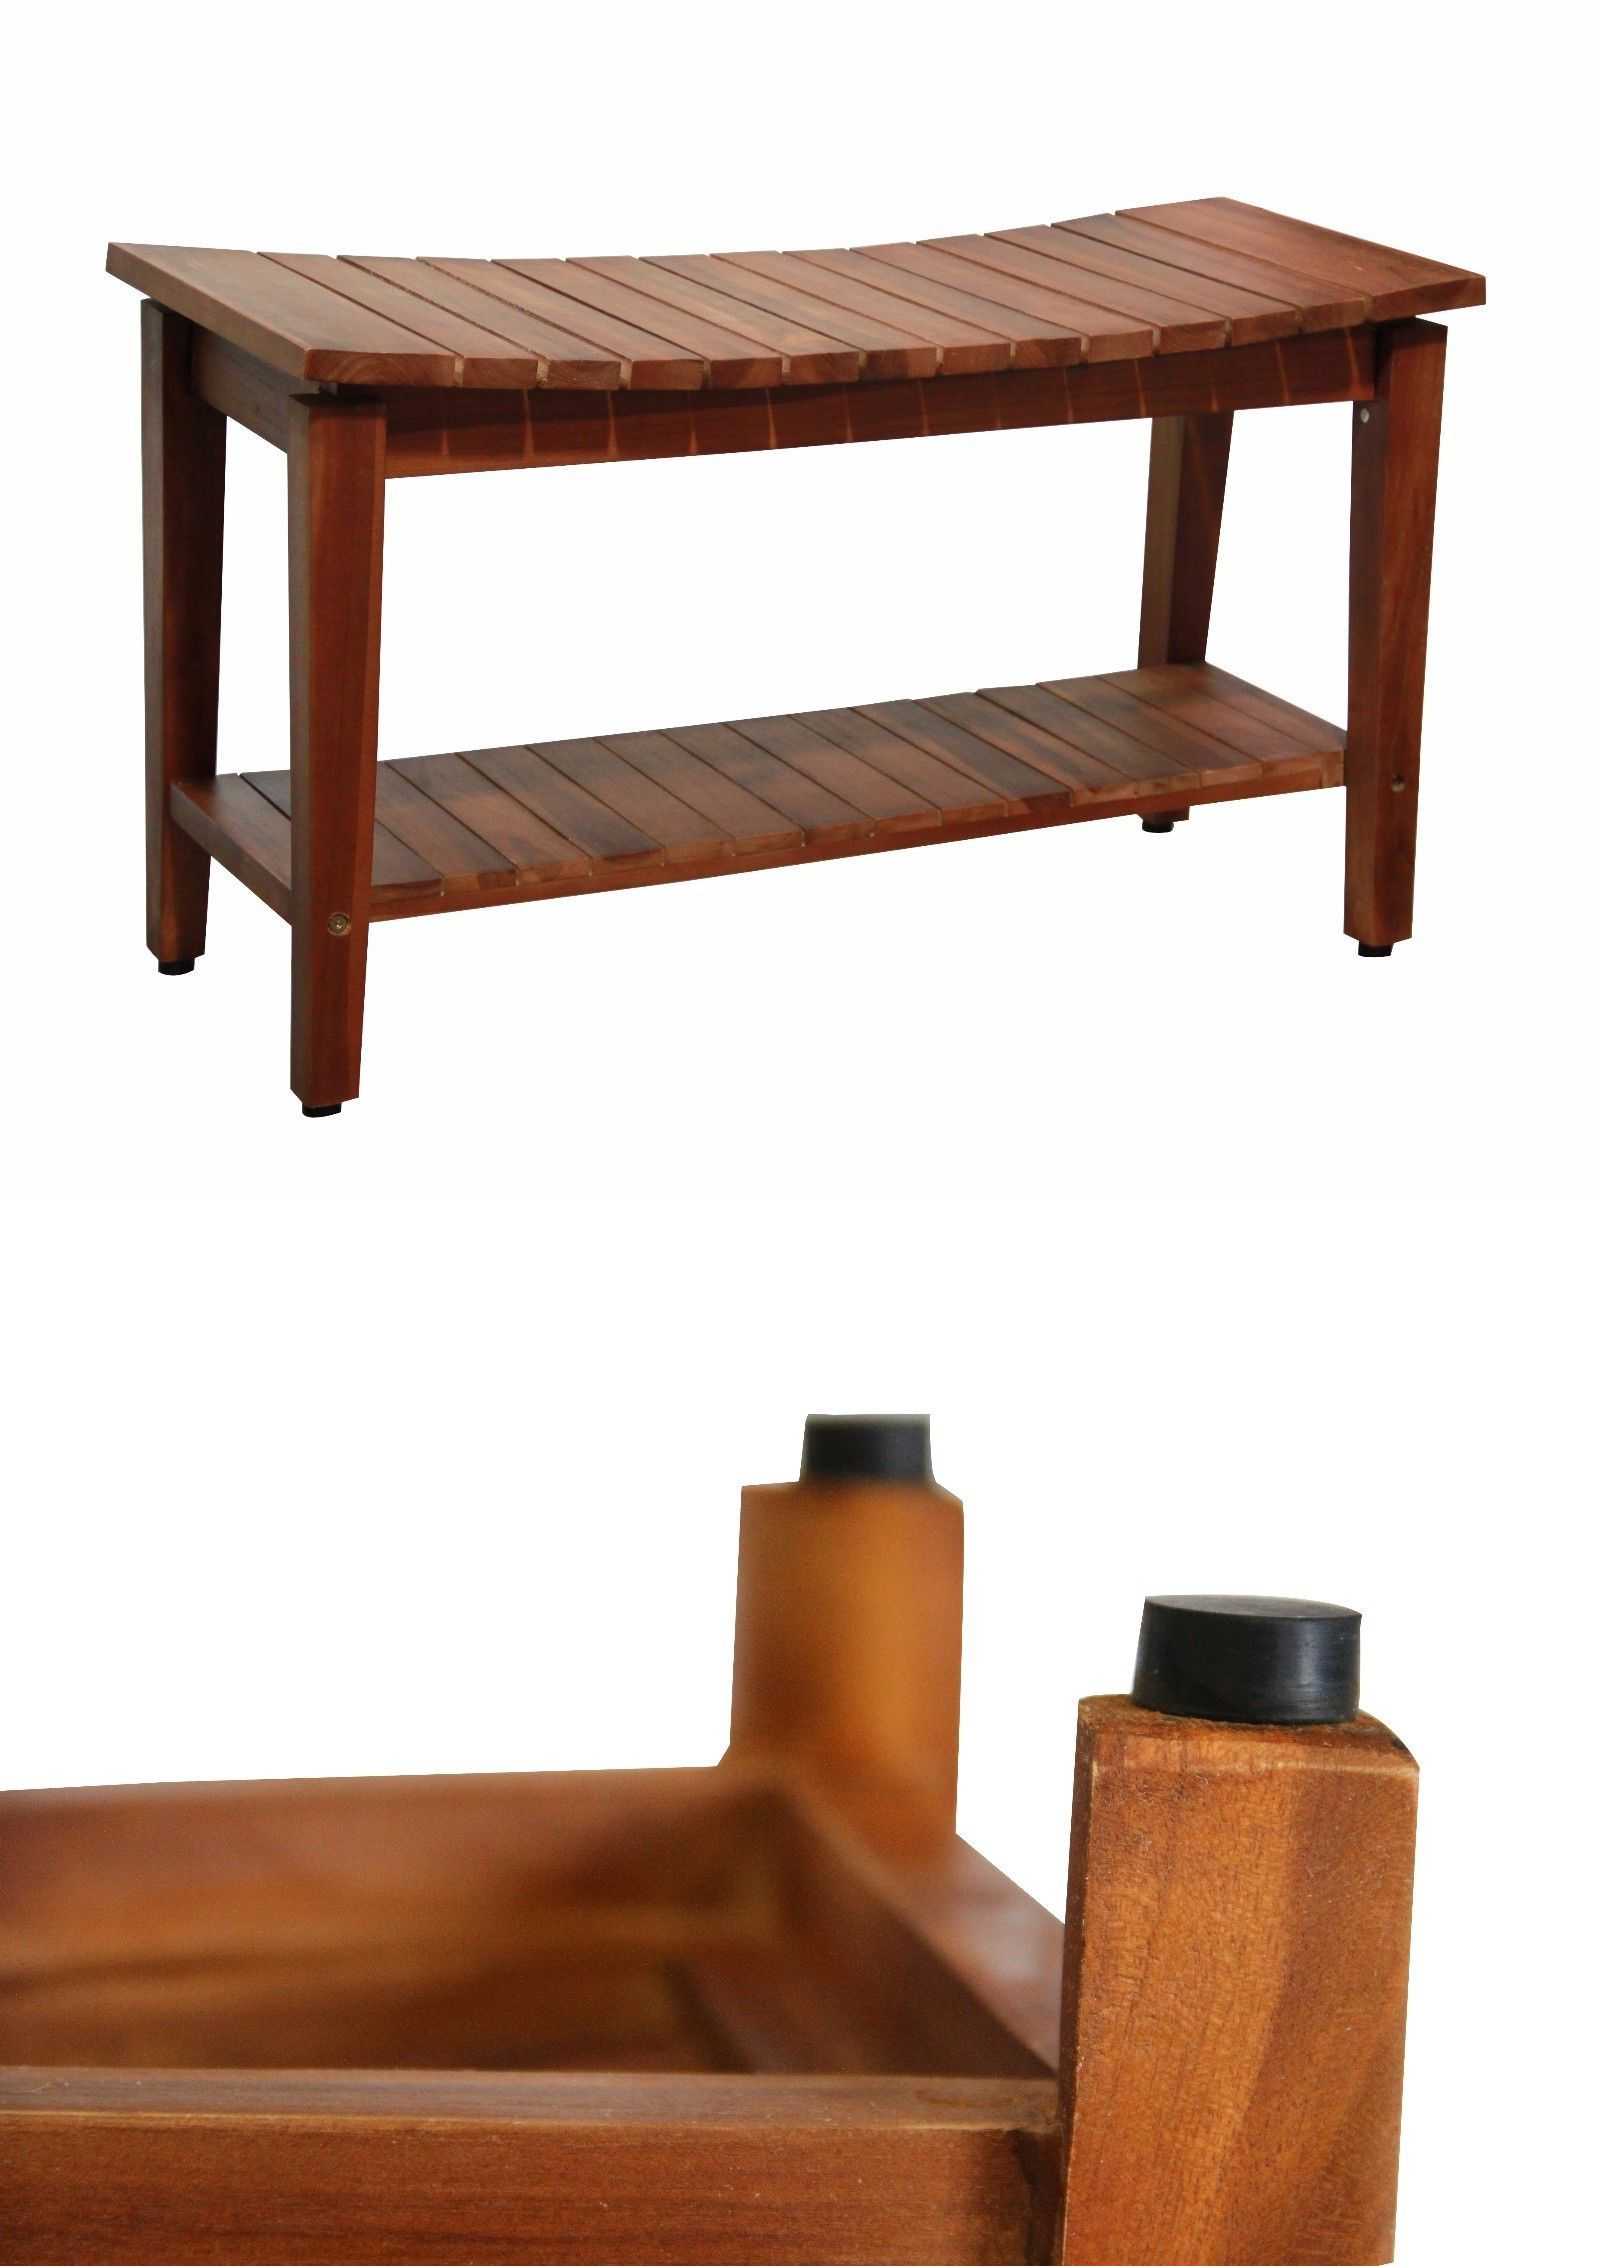 Shower and Bath Seats: Ala Teak Indoor Outdoor Patio Garden Yard ...